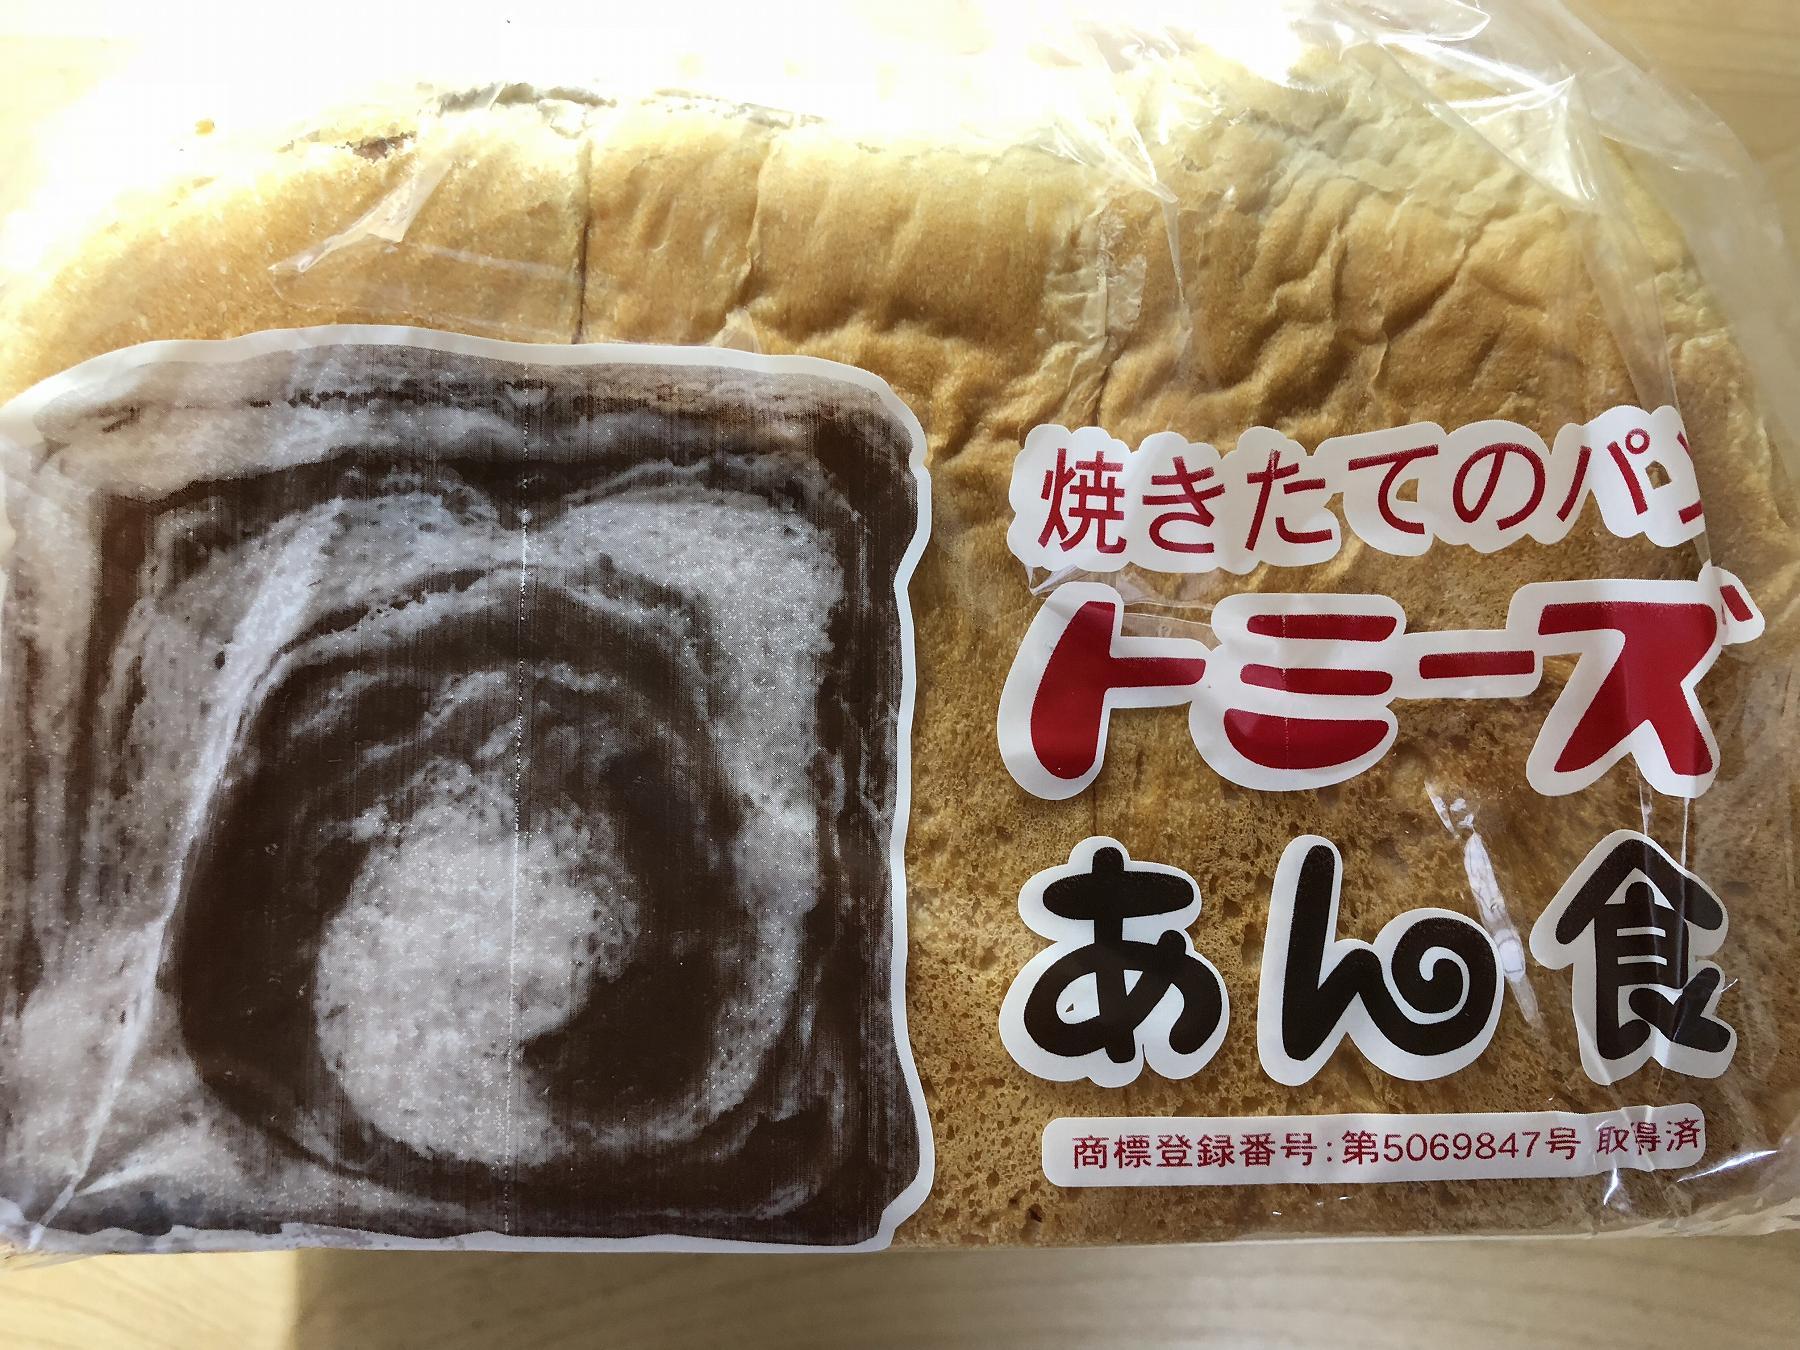 神戸で愛されている「トミーズ」のあん食を食べてみた! #トミーズのあん食 #神戸ルール #ご当地グルメ #灘区